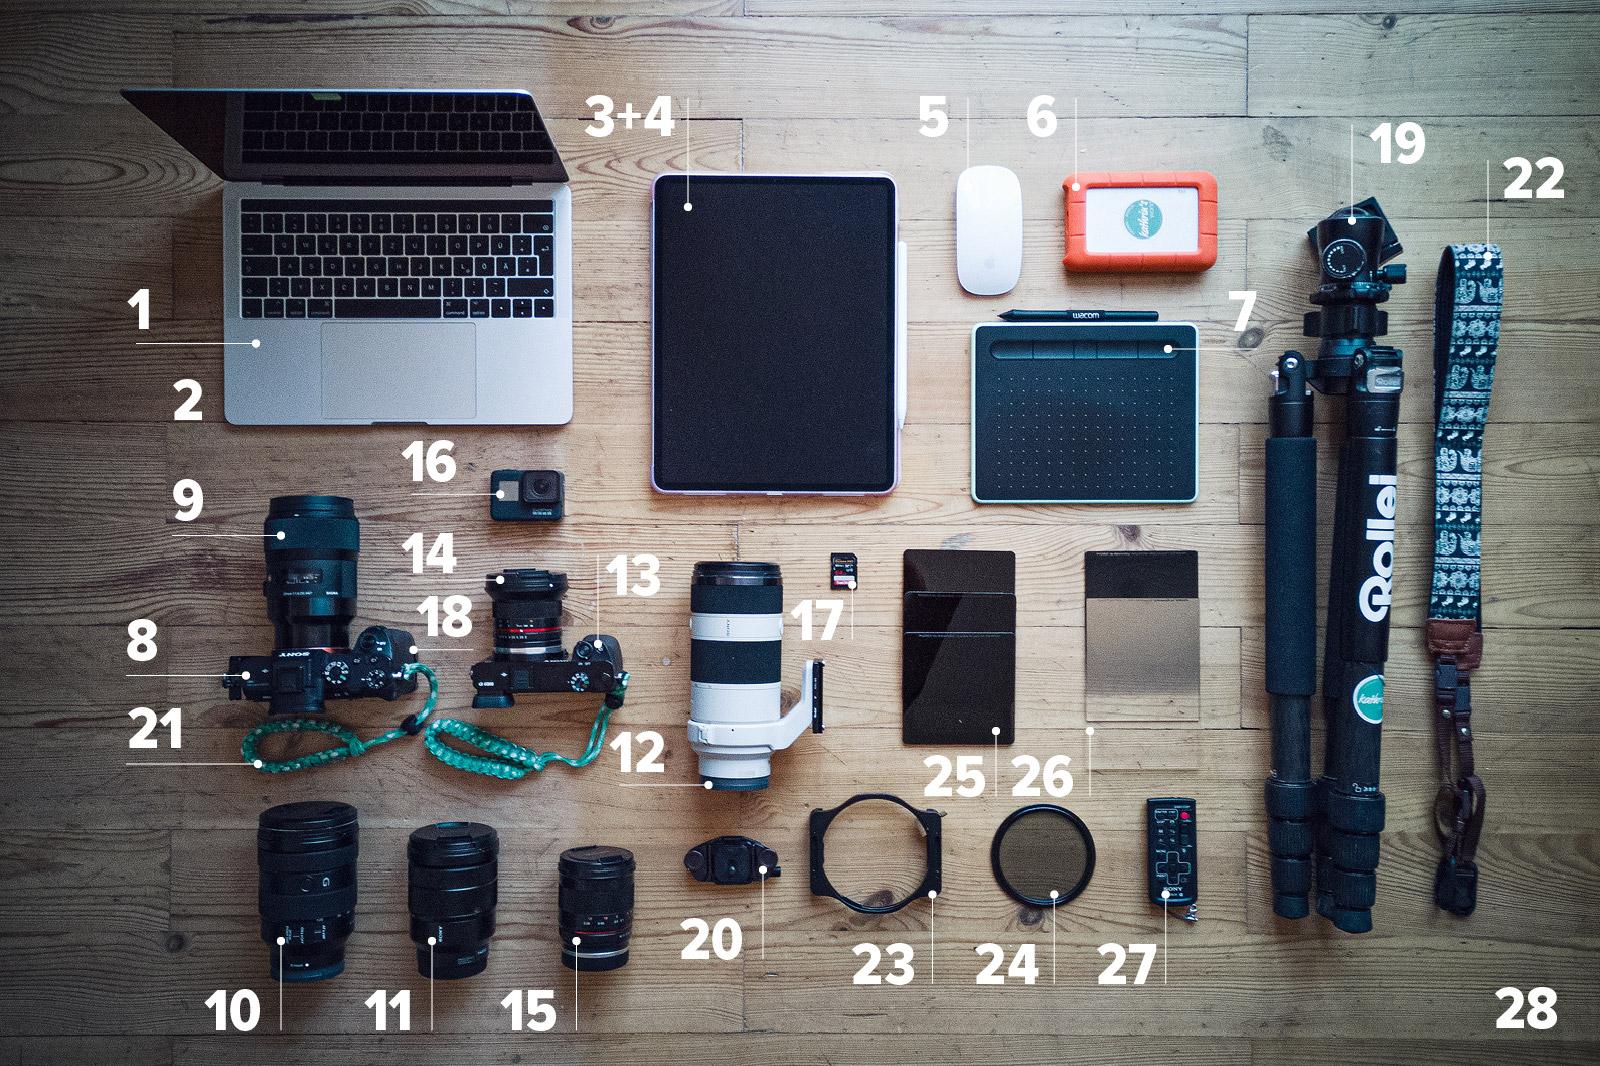 kathrinsworld Ausrüstung für Blog, Fotografie, Bildbearbeitung Sony, Kameras, Stativ, Rollei,